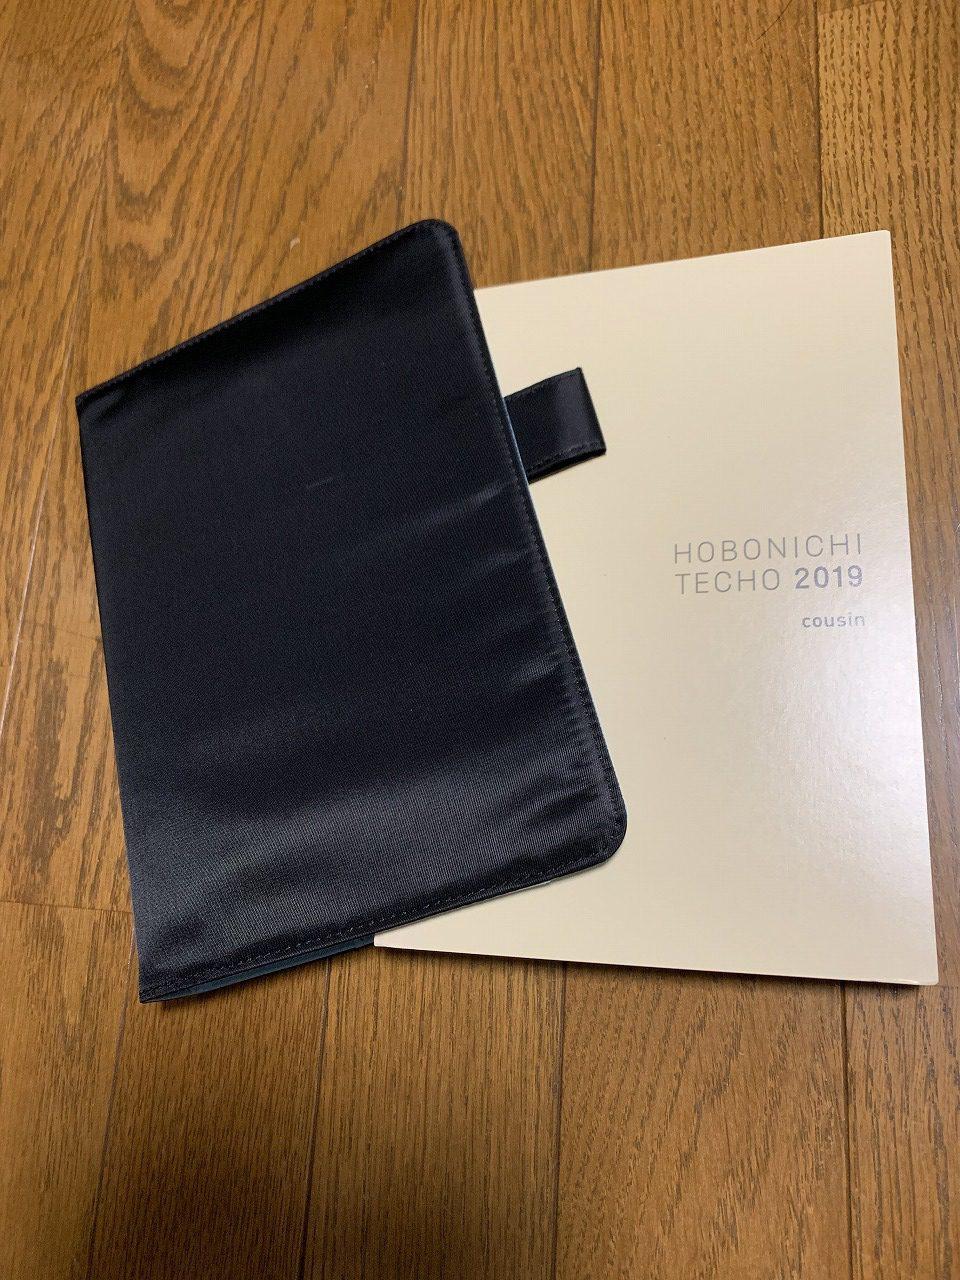 来年2019年の手帳はこれにしました!初めての「ほぼ日手帳」^^;